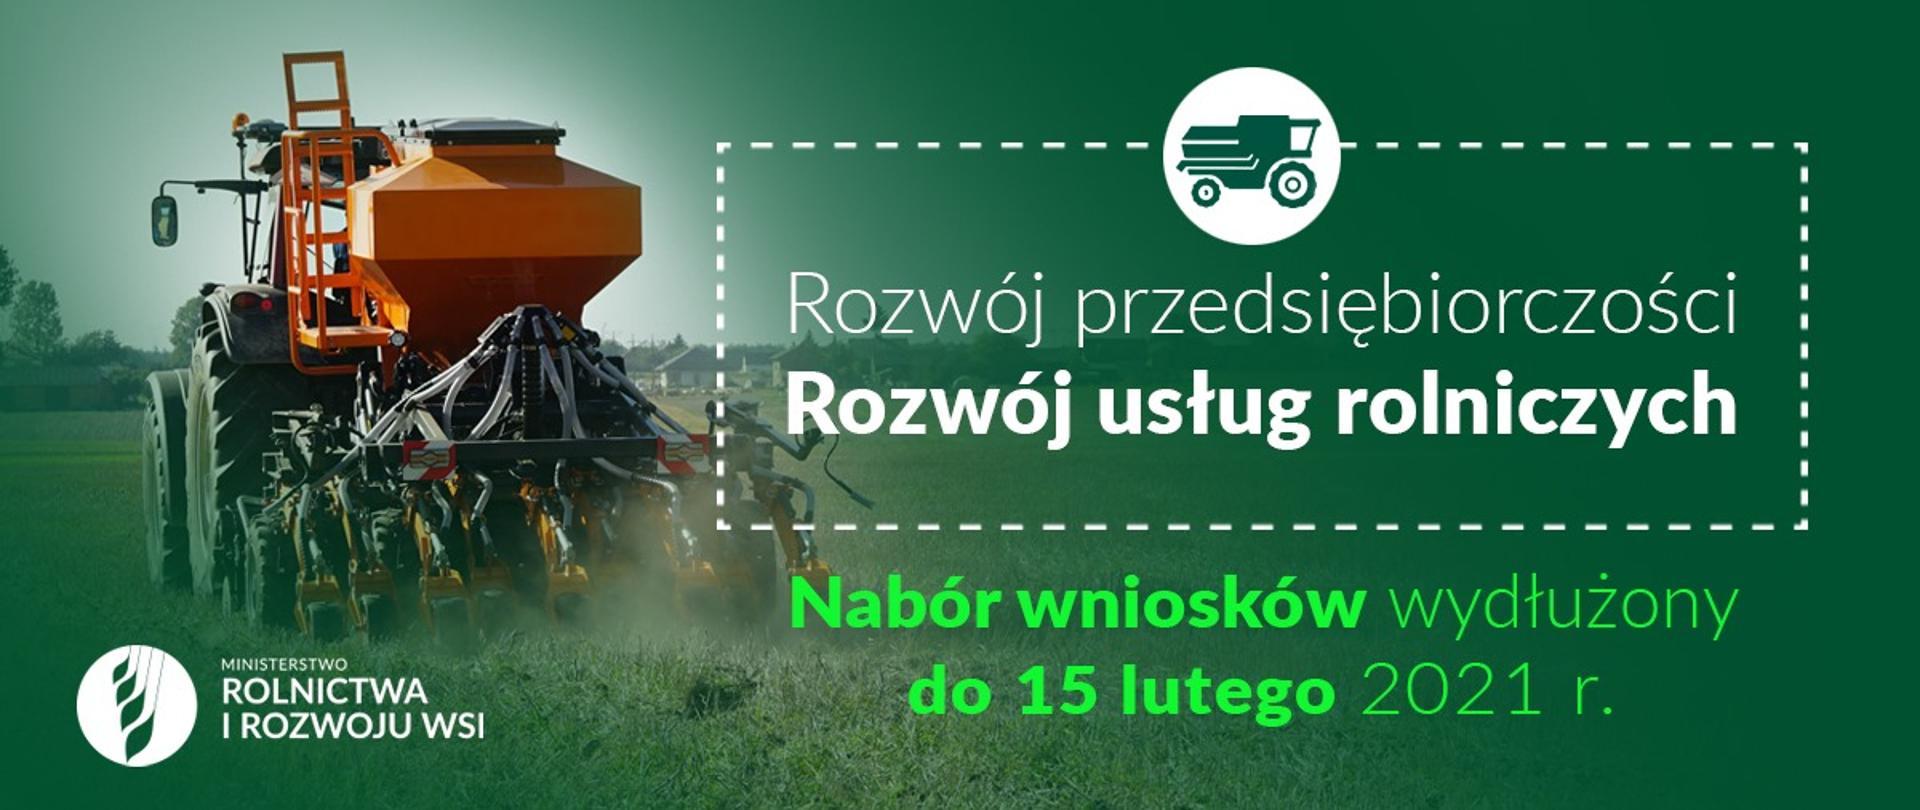 Pieniądze na rozwój usług rolniczych - termin naboru wniosków wydłużony do 15 lutego br.